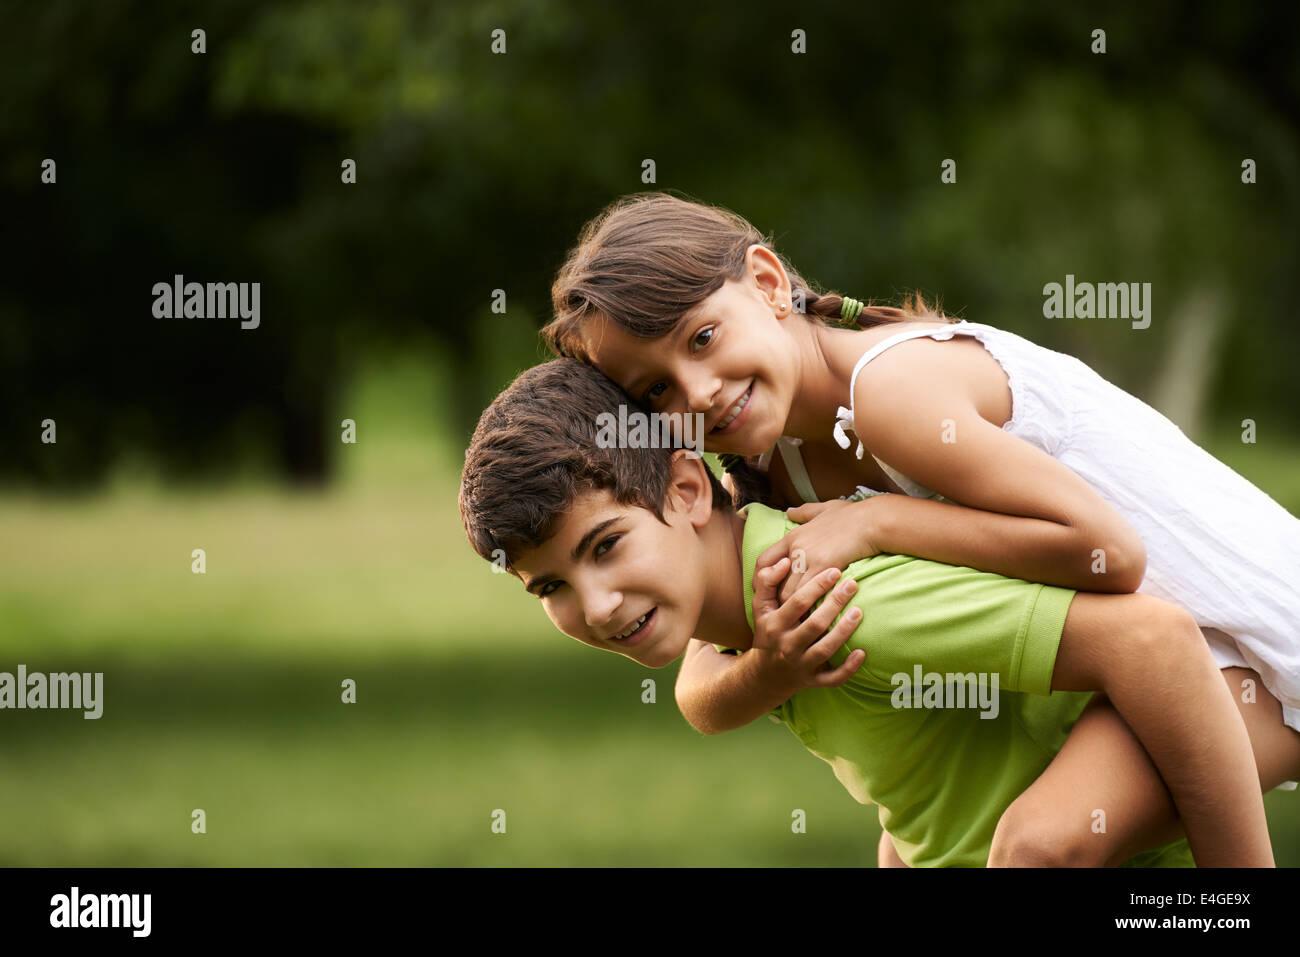 Menschen in der Liebe mit glückliche kleine Mädchen und jungen im Stadtpark Huckepack laufen. Textfreiraum Stockbild